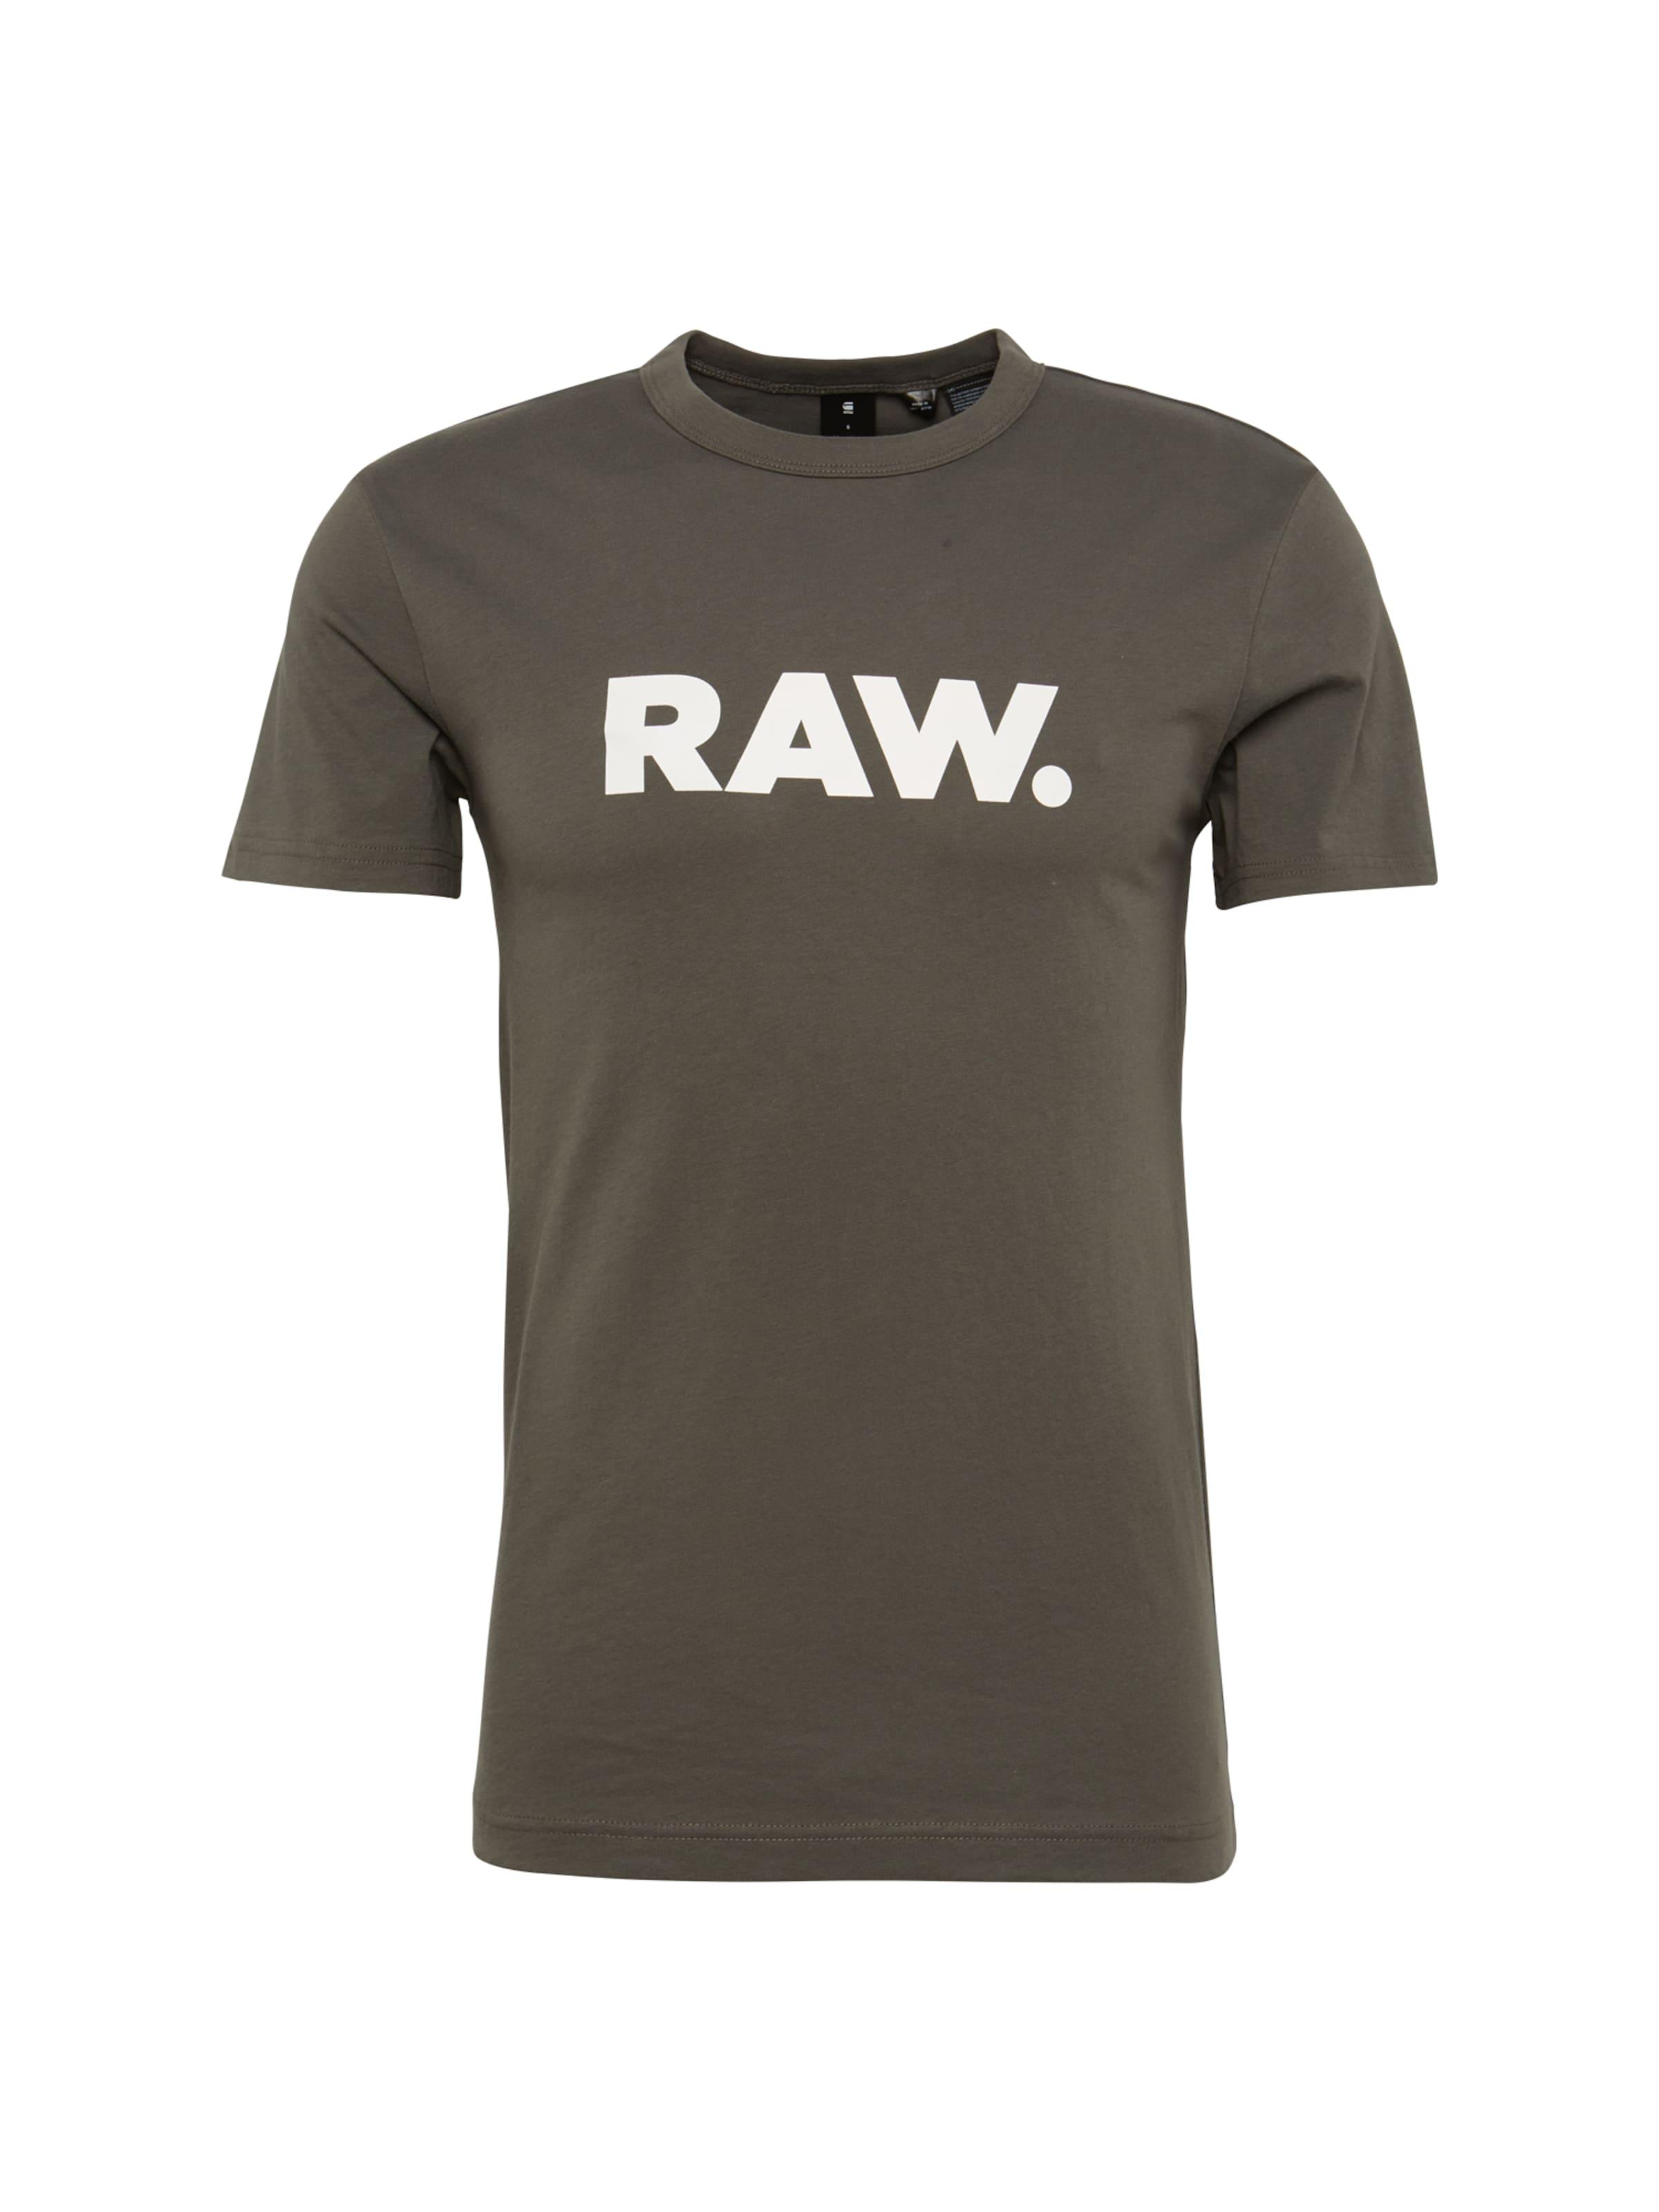 In T S 'holorn OlivWeiß star Raw G T s' R shirt CxerodB